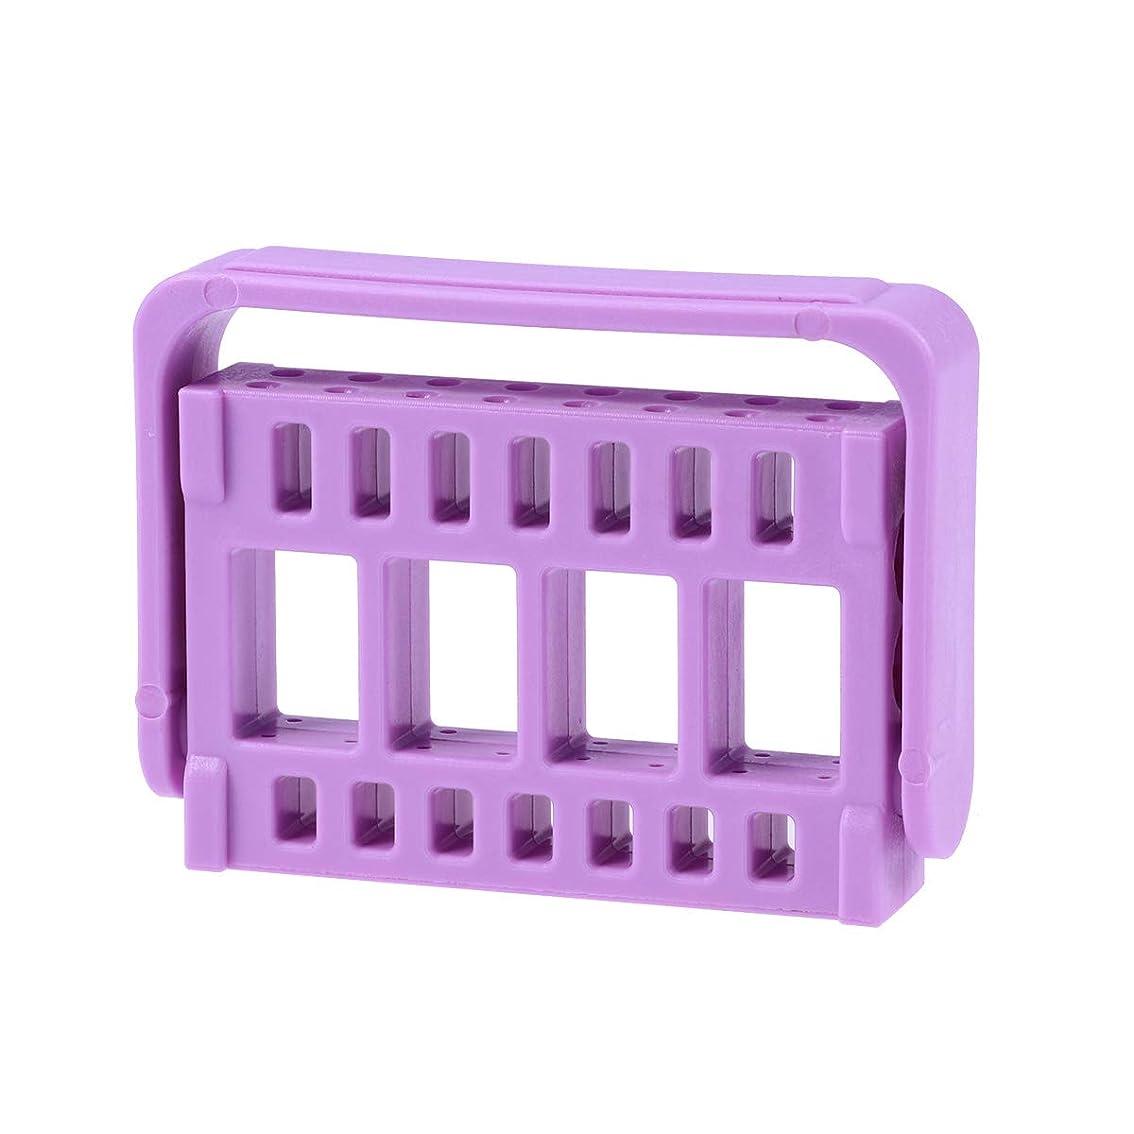 折る裏切りご覧くださいHealifty 測定ファイルホルダー歯科用内箱ボックスプラスチック製根管用ファイル消毒ラック16穴(パープル)